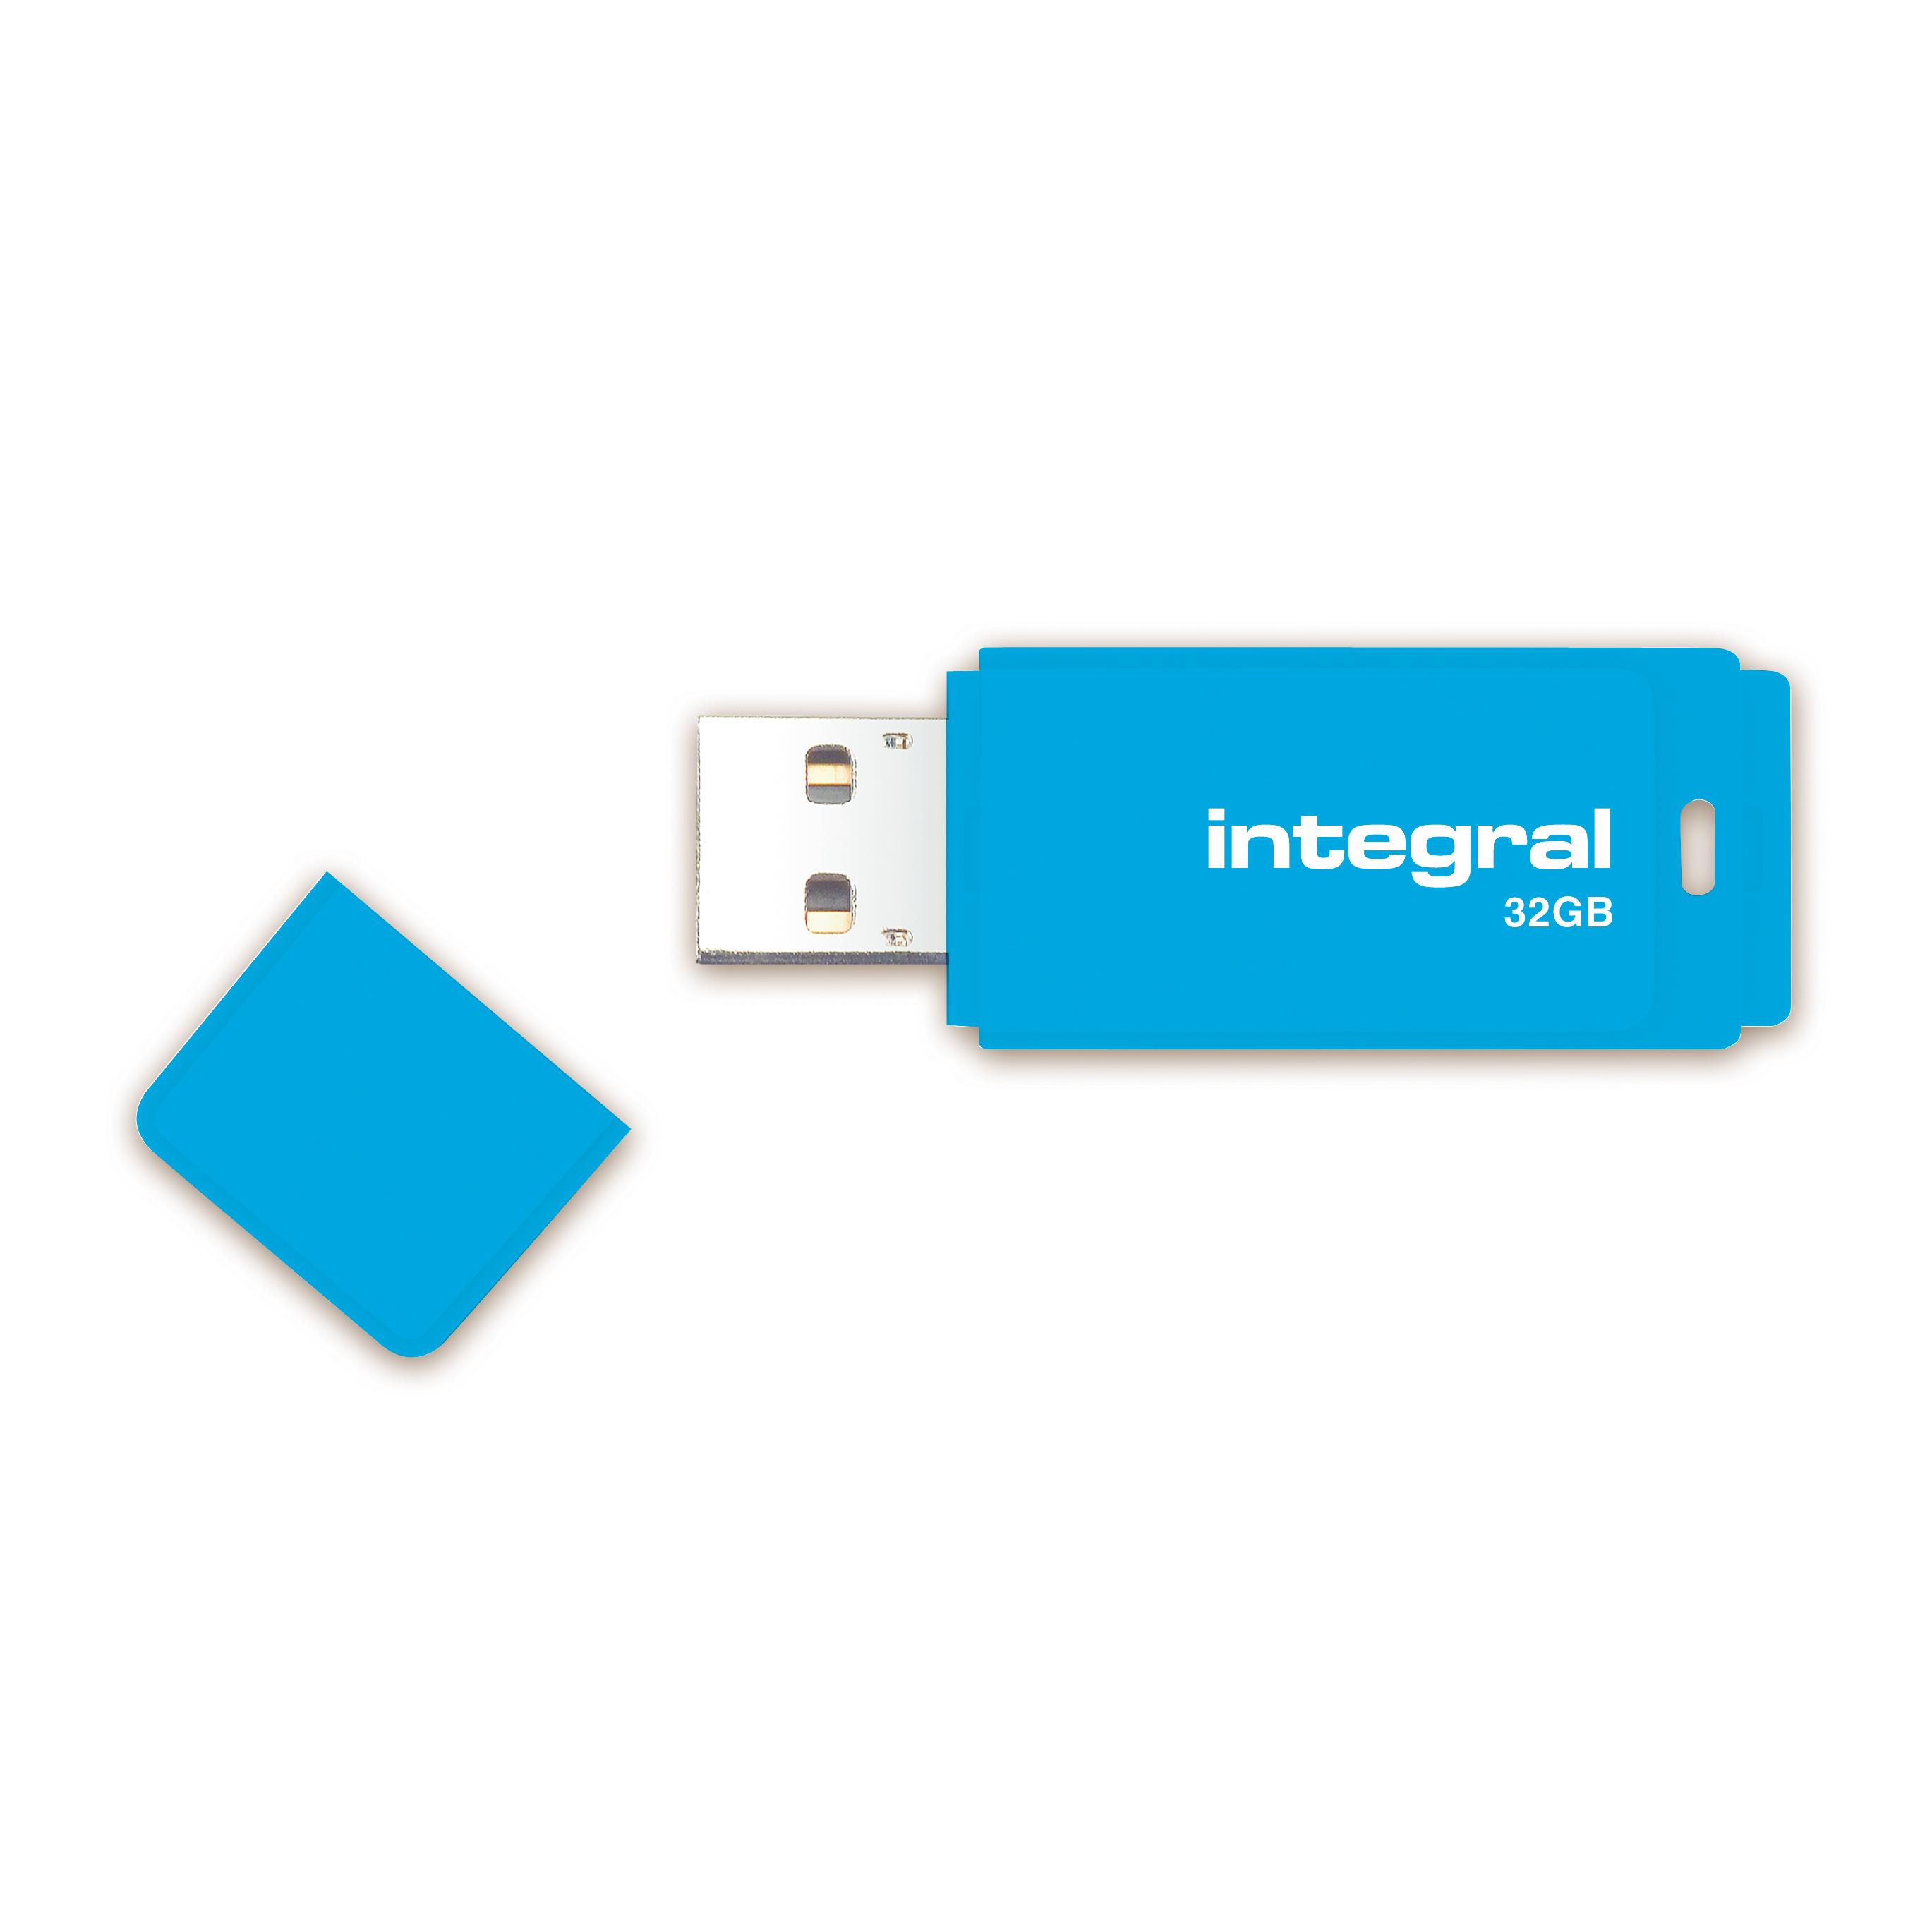 Integral Neon USB Drive 2 0 32GB Blue Ref INFD32GBNEONB